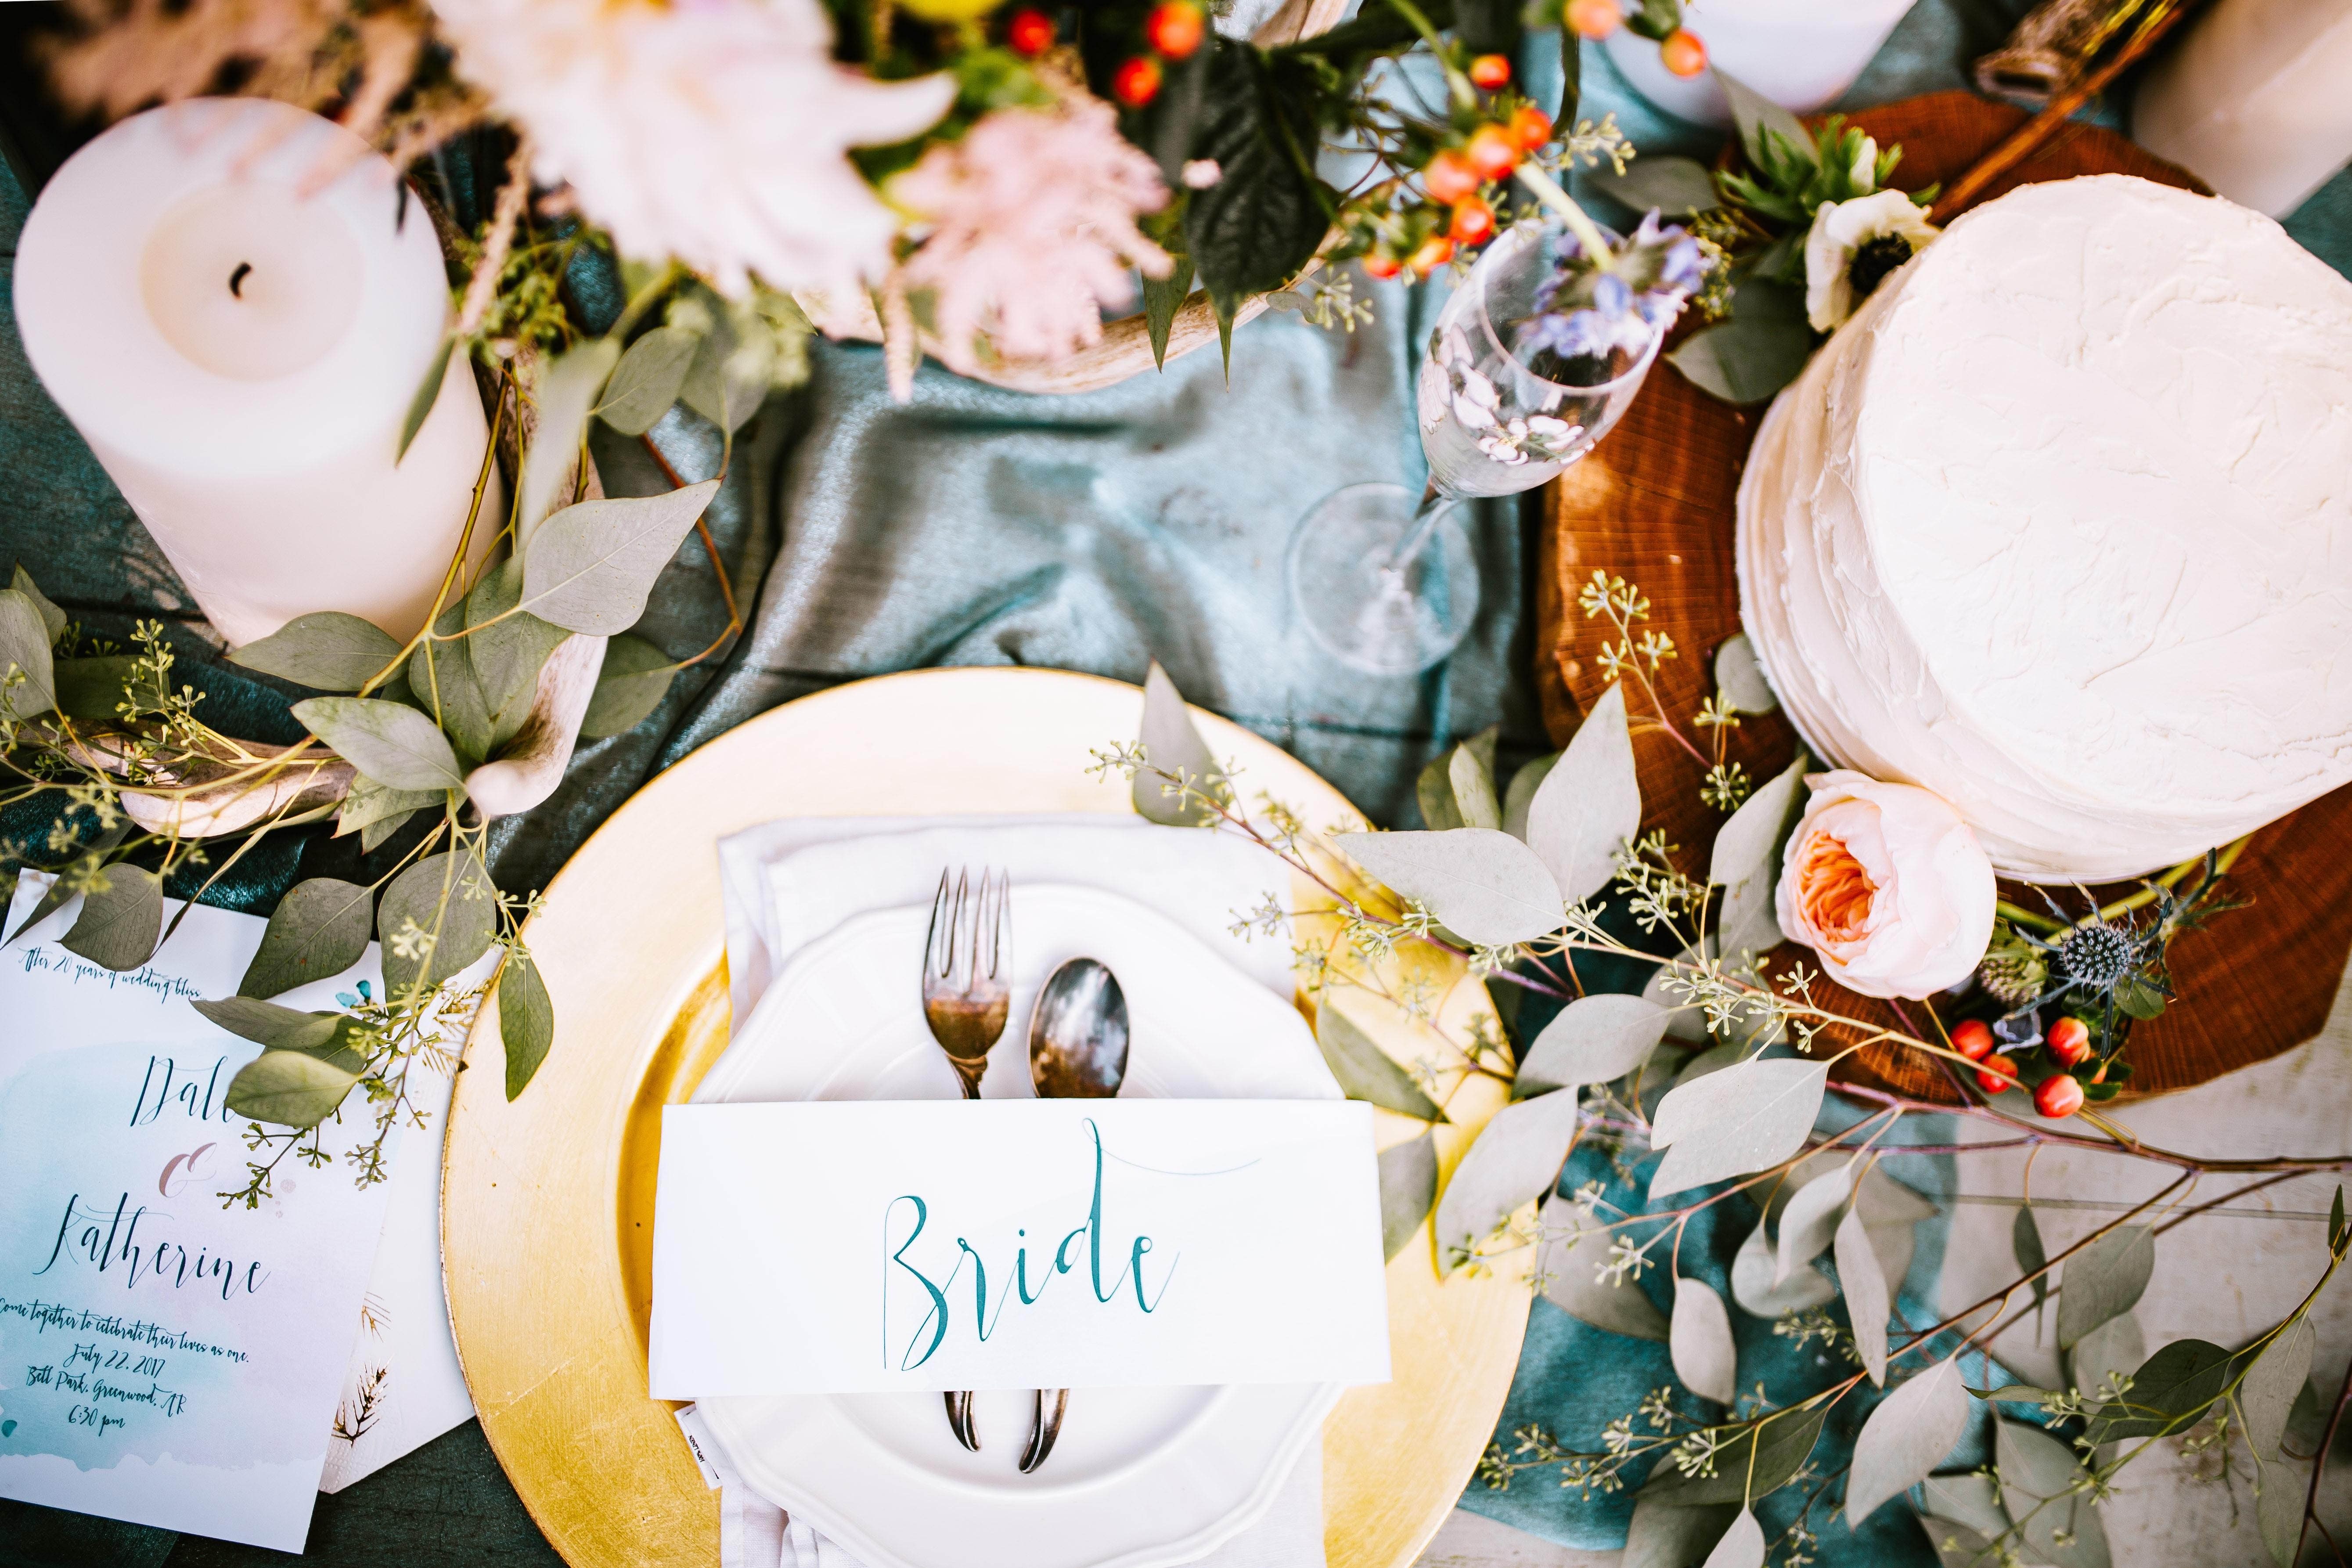 bride-set-up-annie-gray-376049-unsplash-1